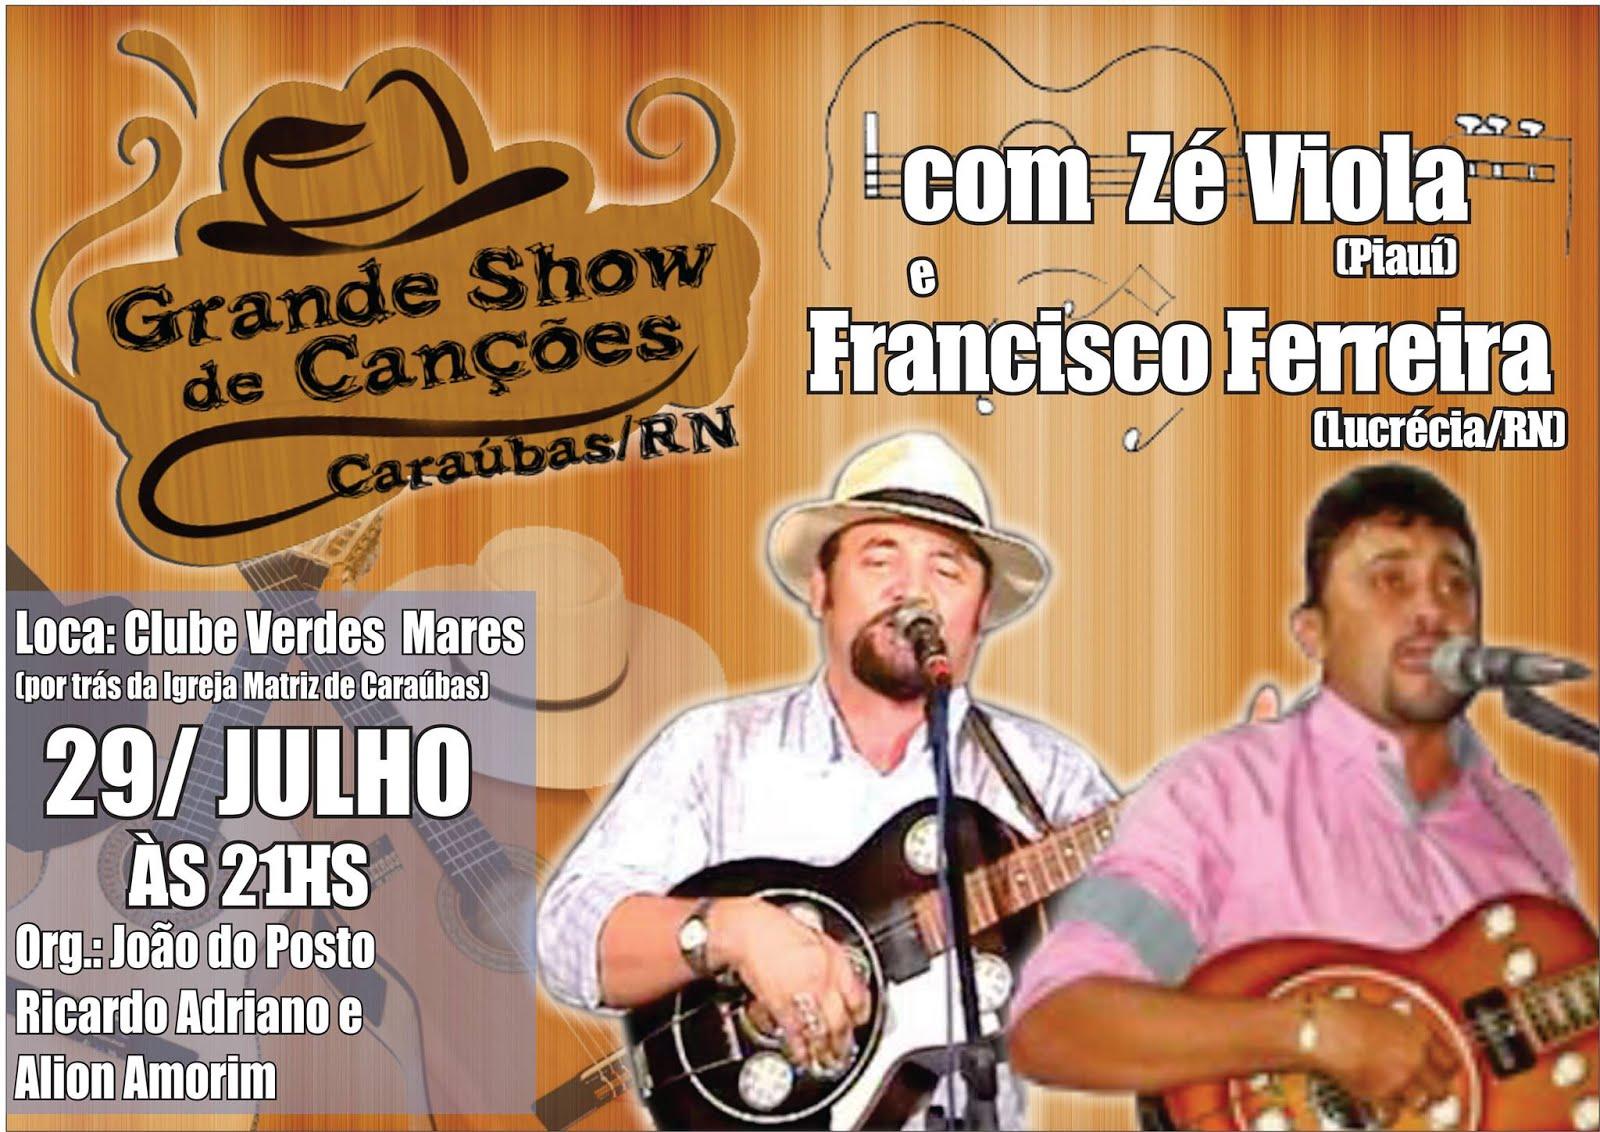 Grande Show de CANÇÕES dia 29 de JULHO em CARAÚBAS-RN